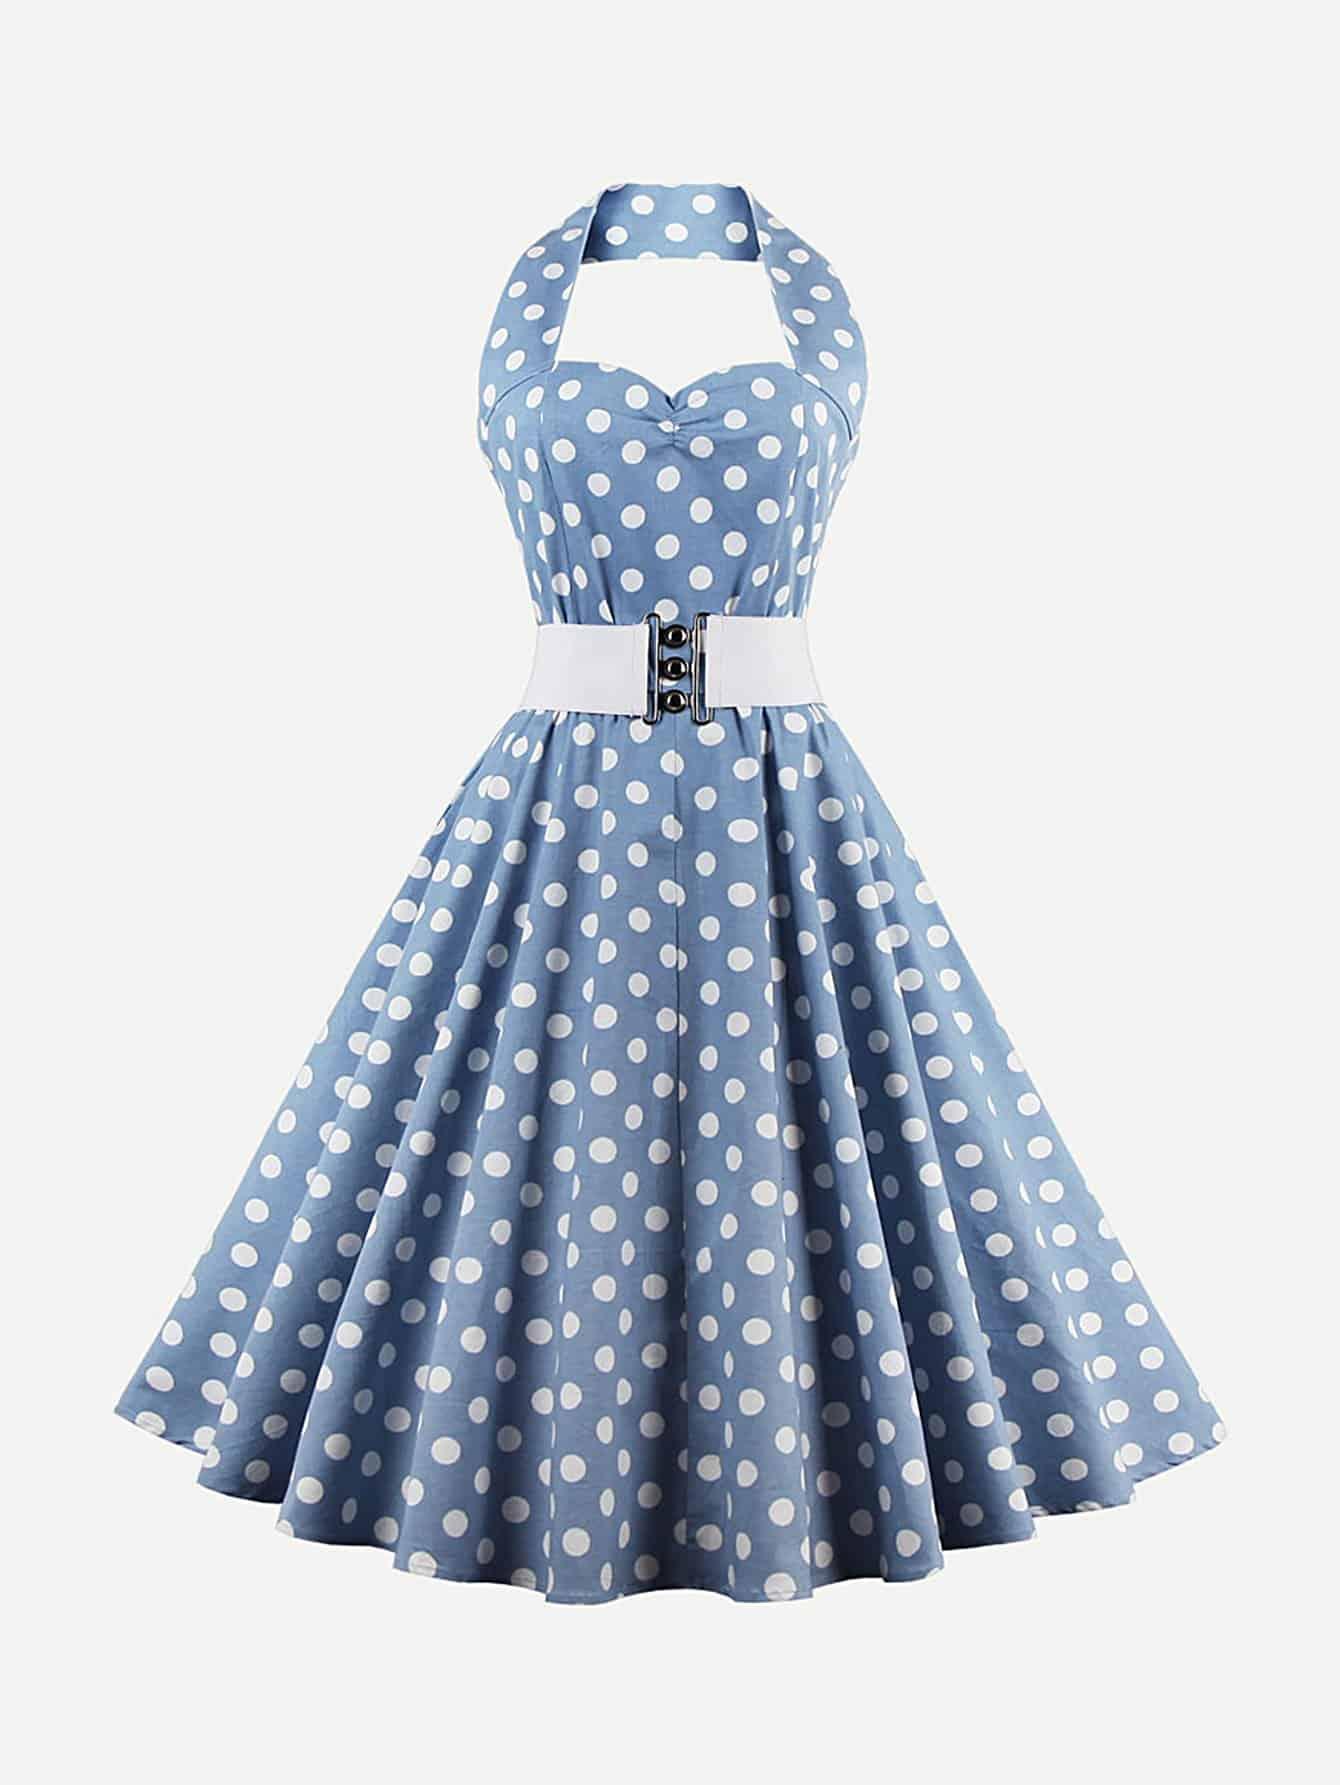 Sweetheart Neck Spot Halter Dress dress180409373